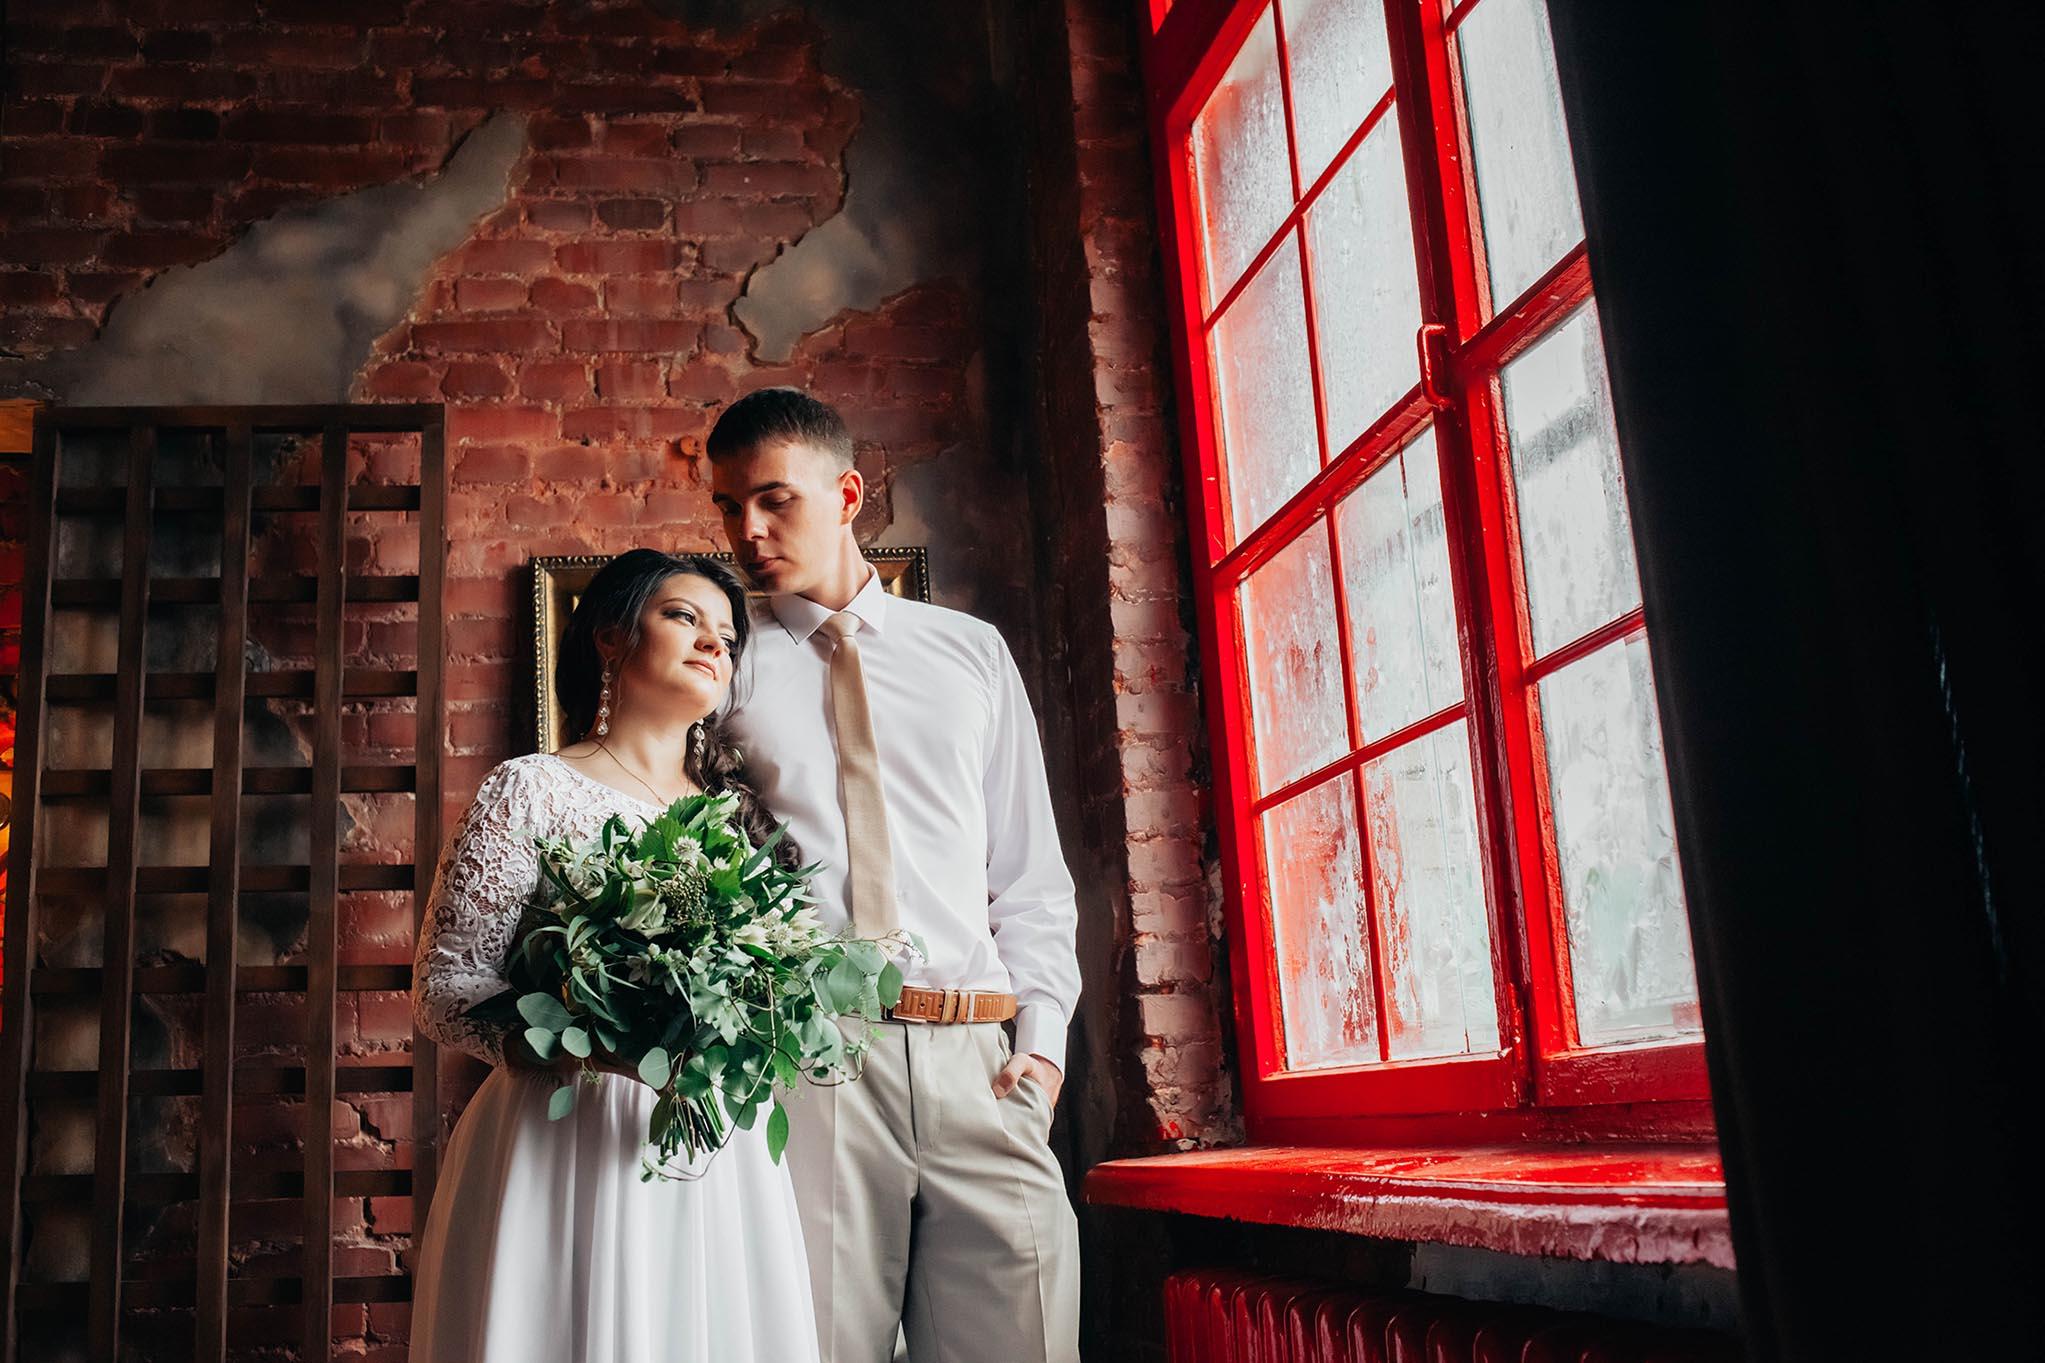 фотосъемка свадьбы в студии